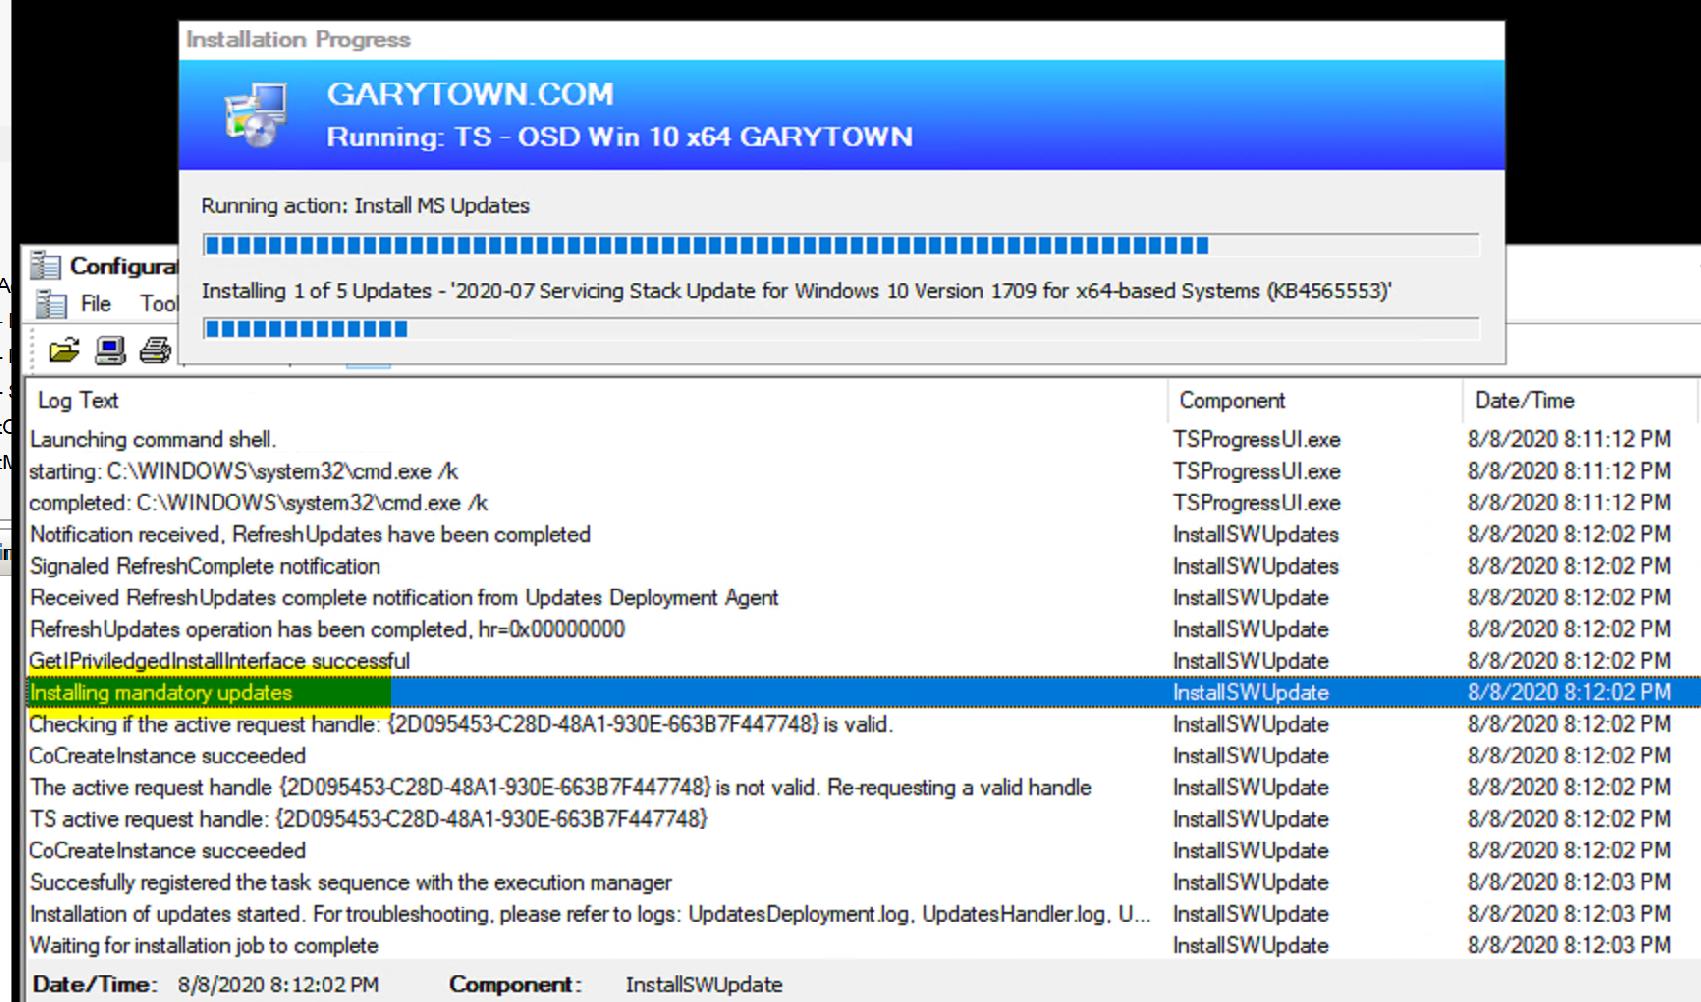 Install Software Update 13